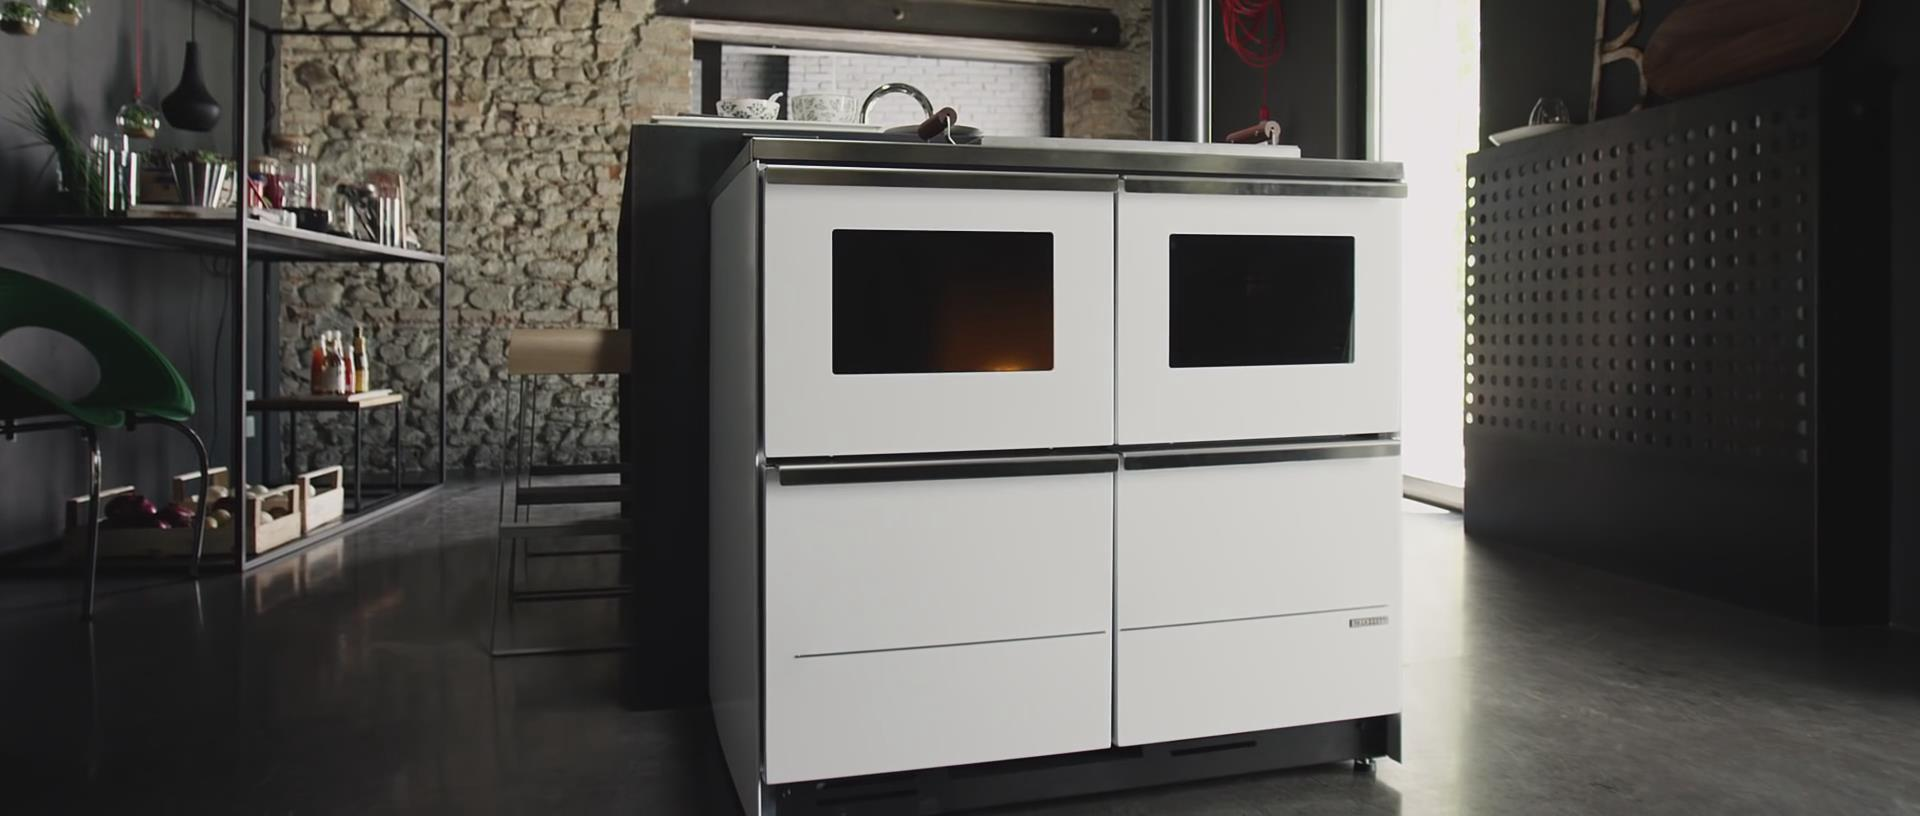 PALAZZETTI品牌燃木壁炉给您一个温馨舒适的家